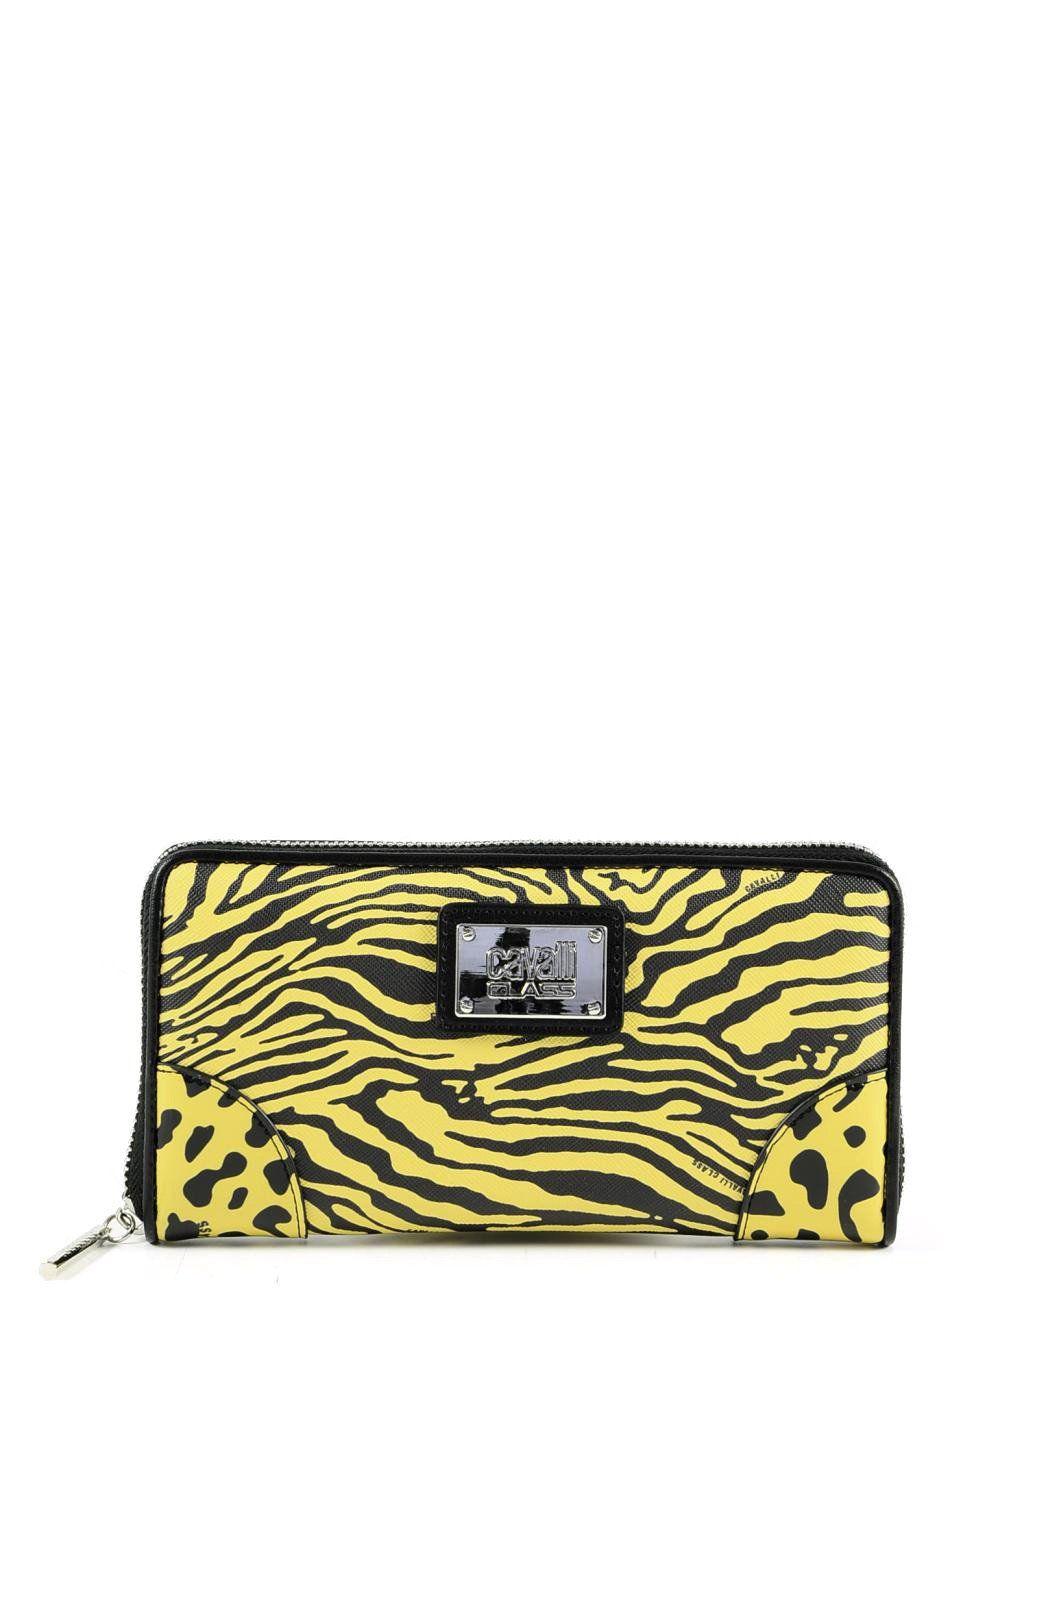 Cavalli Class Women's Wallet In Yellow